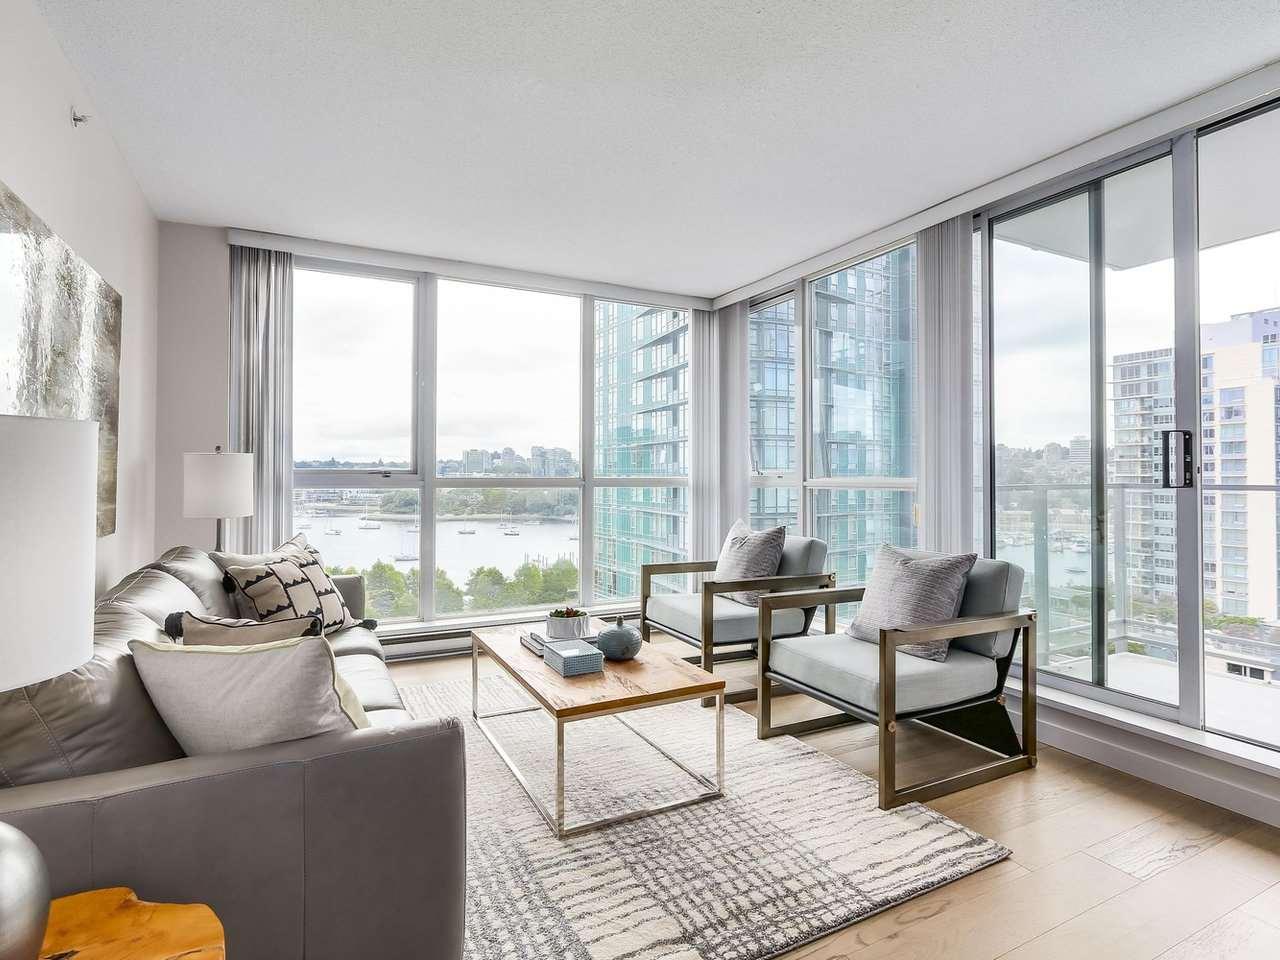 Condo Apartment at 1102 1408 STRATHMORE MEWS, Unit 1102, Vancouver West, British Columbia. Image 2